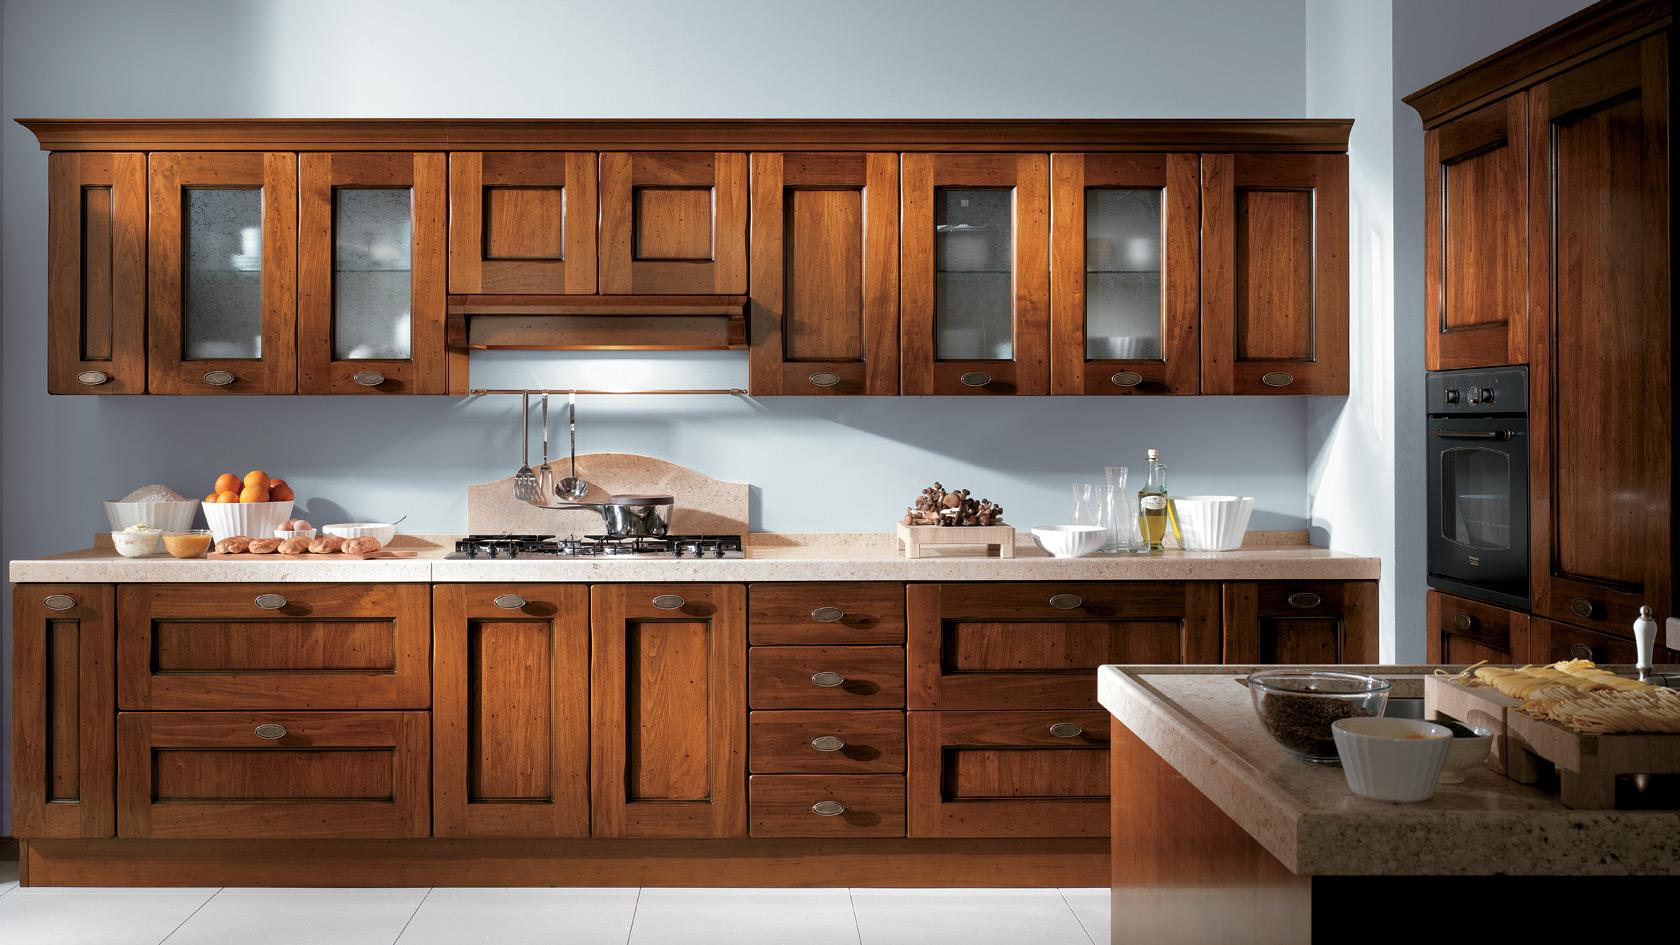 Как выбрать материал для кухонного гарнитура_3